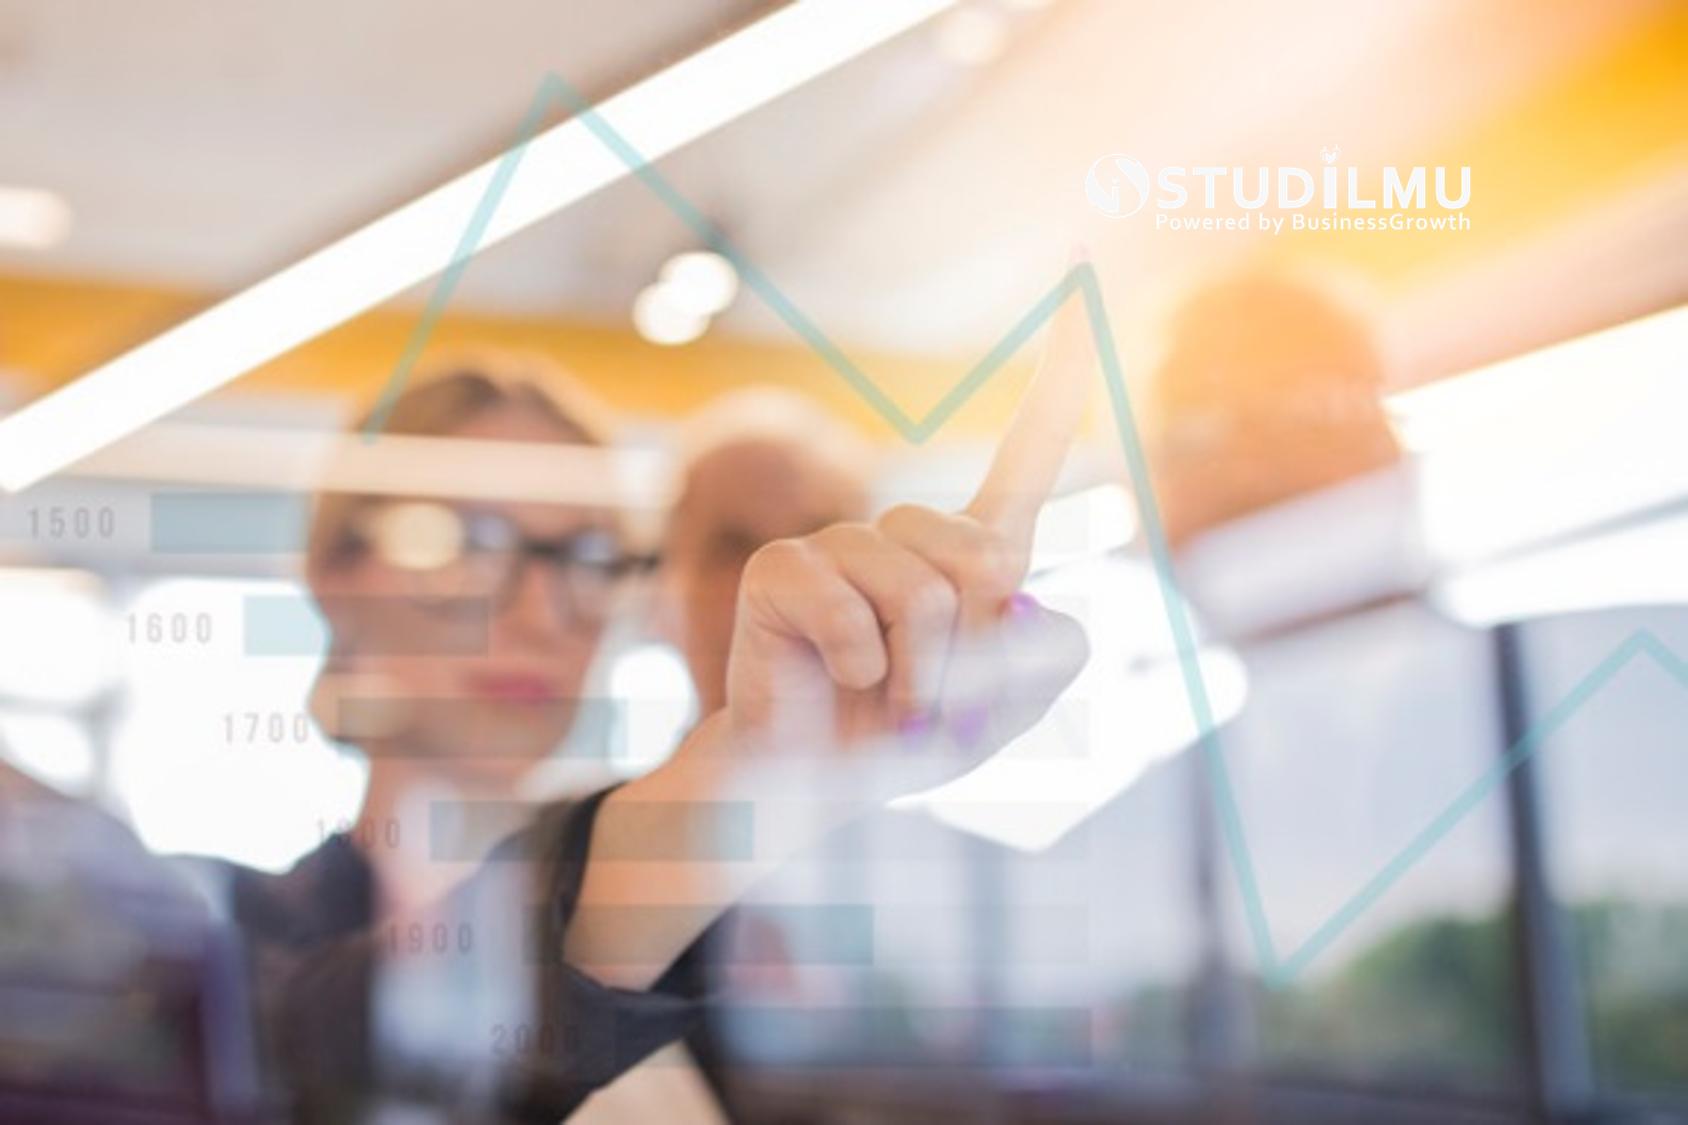 STUDILMU Career Advice - 5 Faktor Internal yang Menghambat Kesuksesan Bisnis